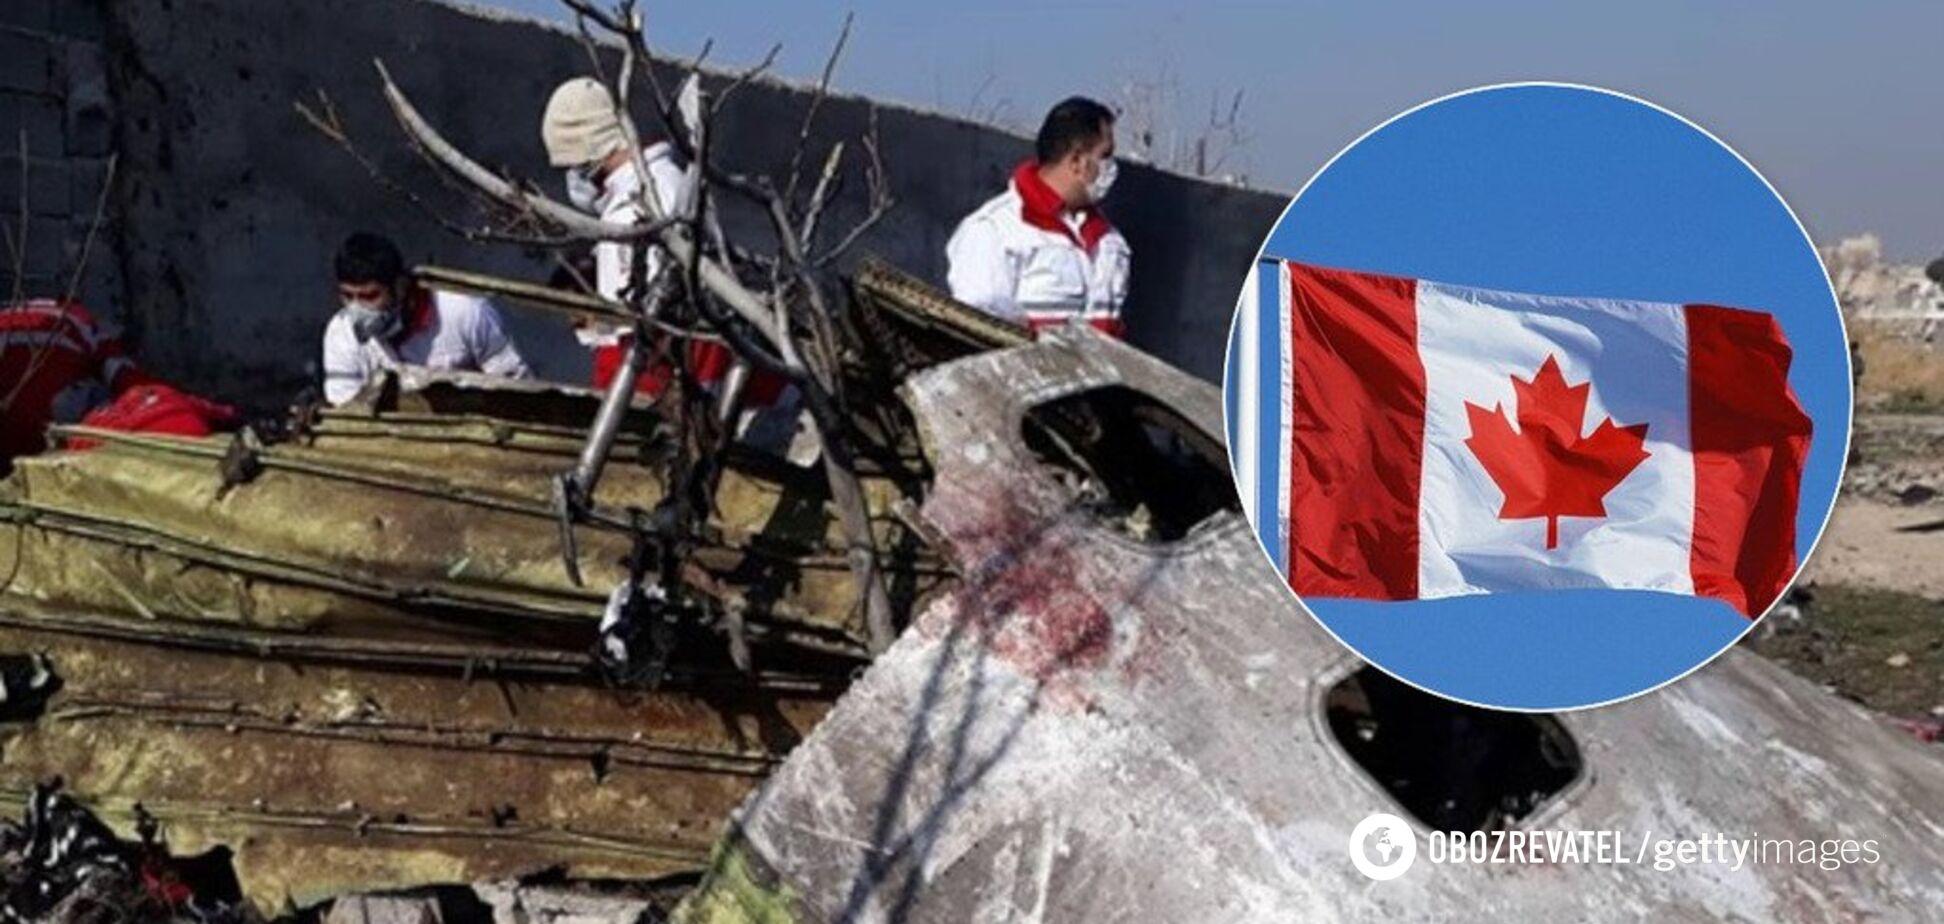 Канада отреагировала на авиакатастрофу самолета МАУ